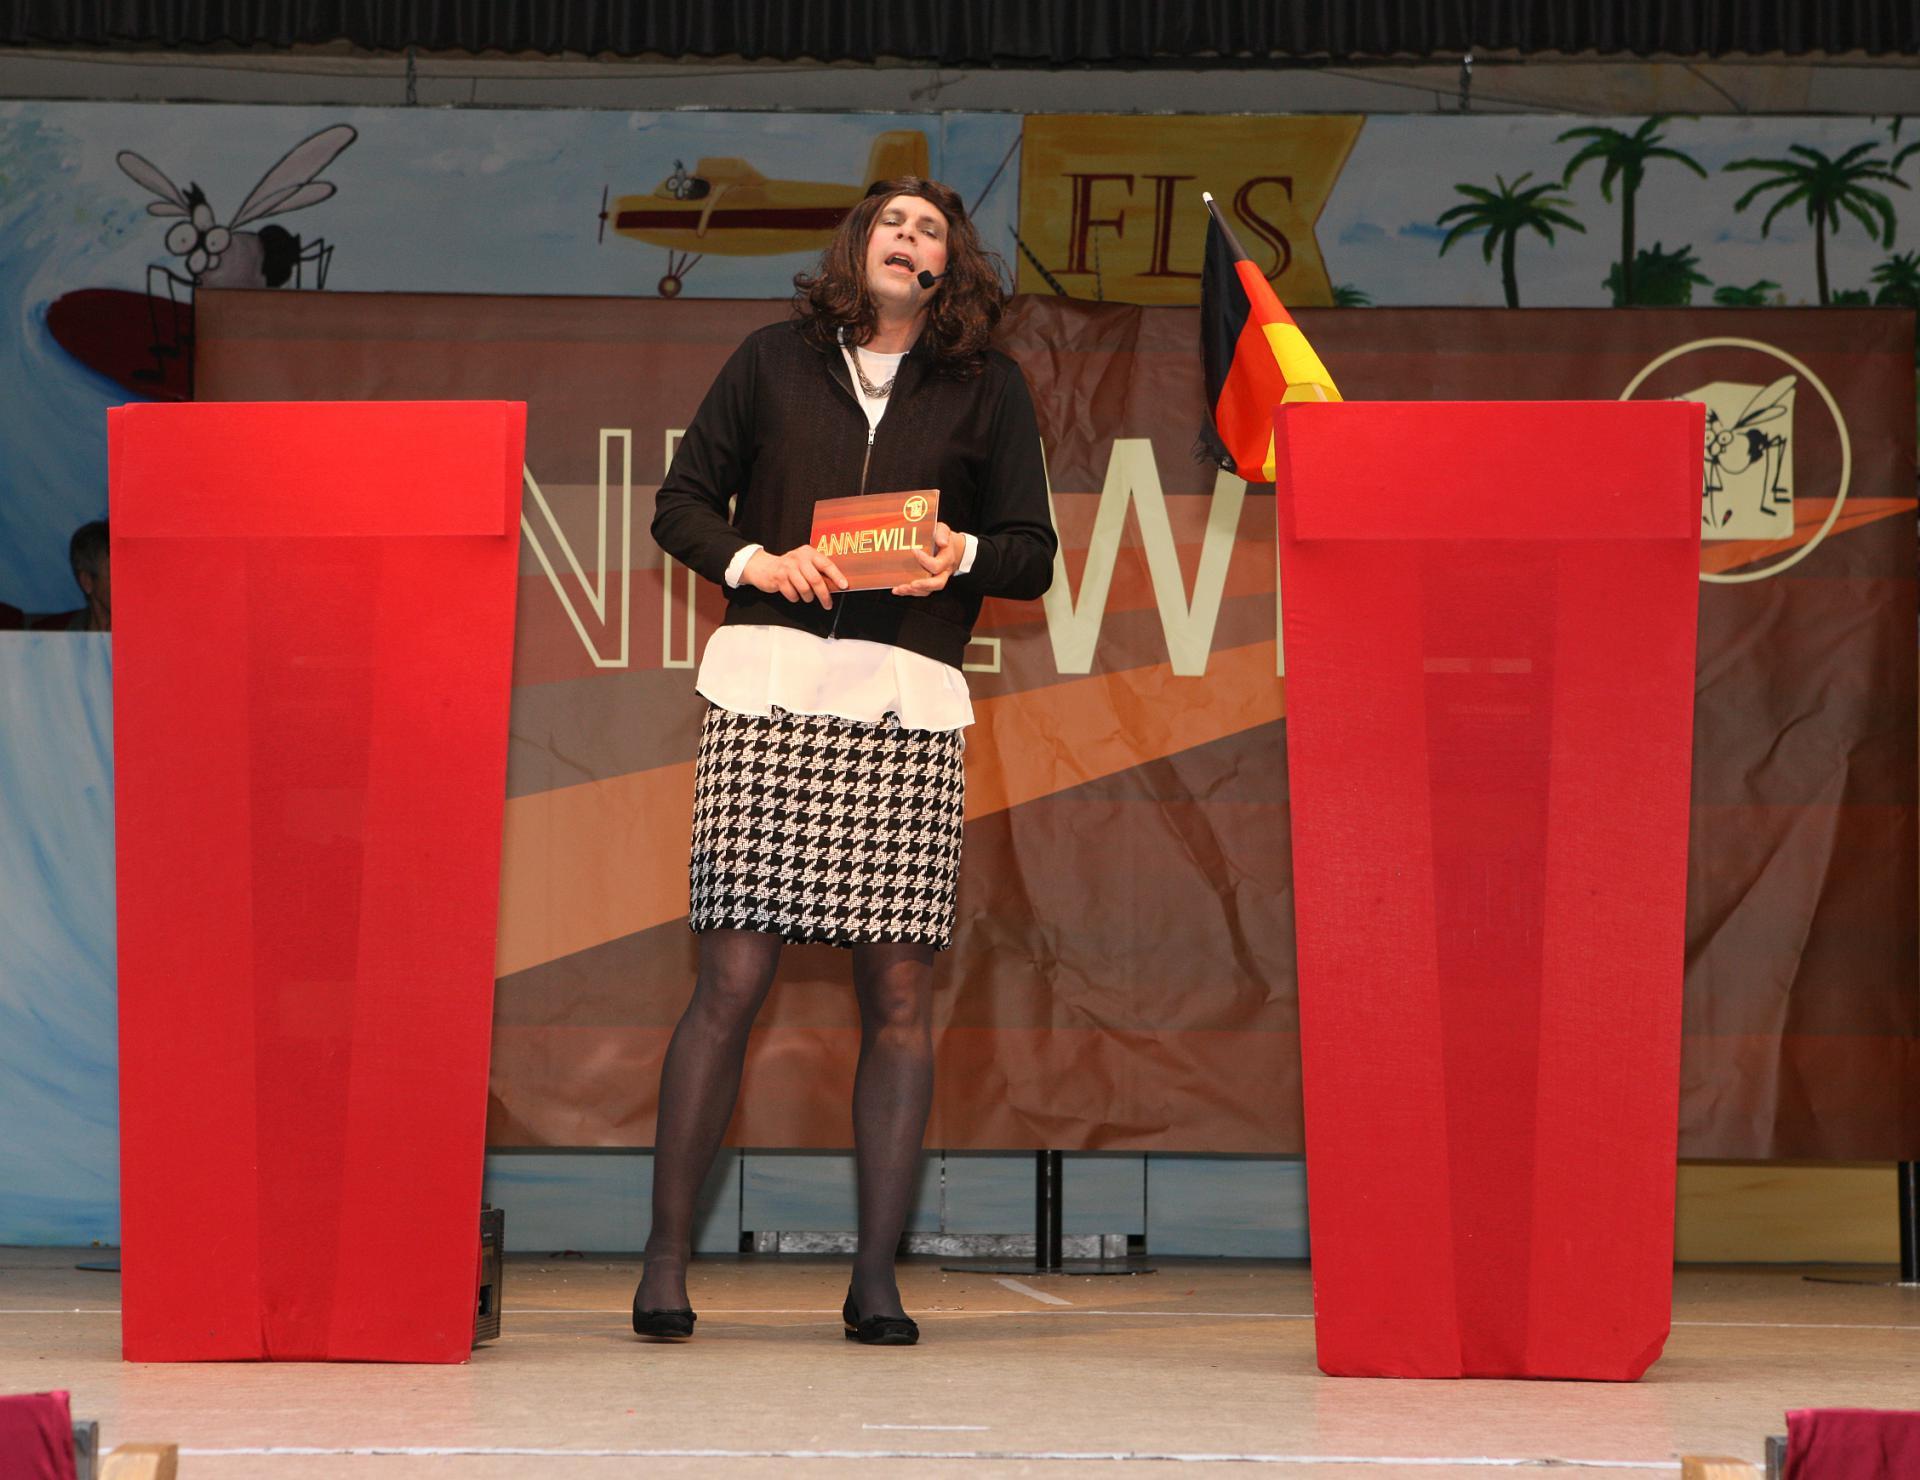 Bütt Anne Will - Sitzung Lengfurt 2017